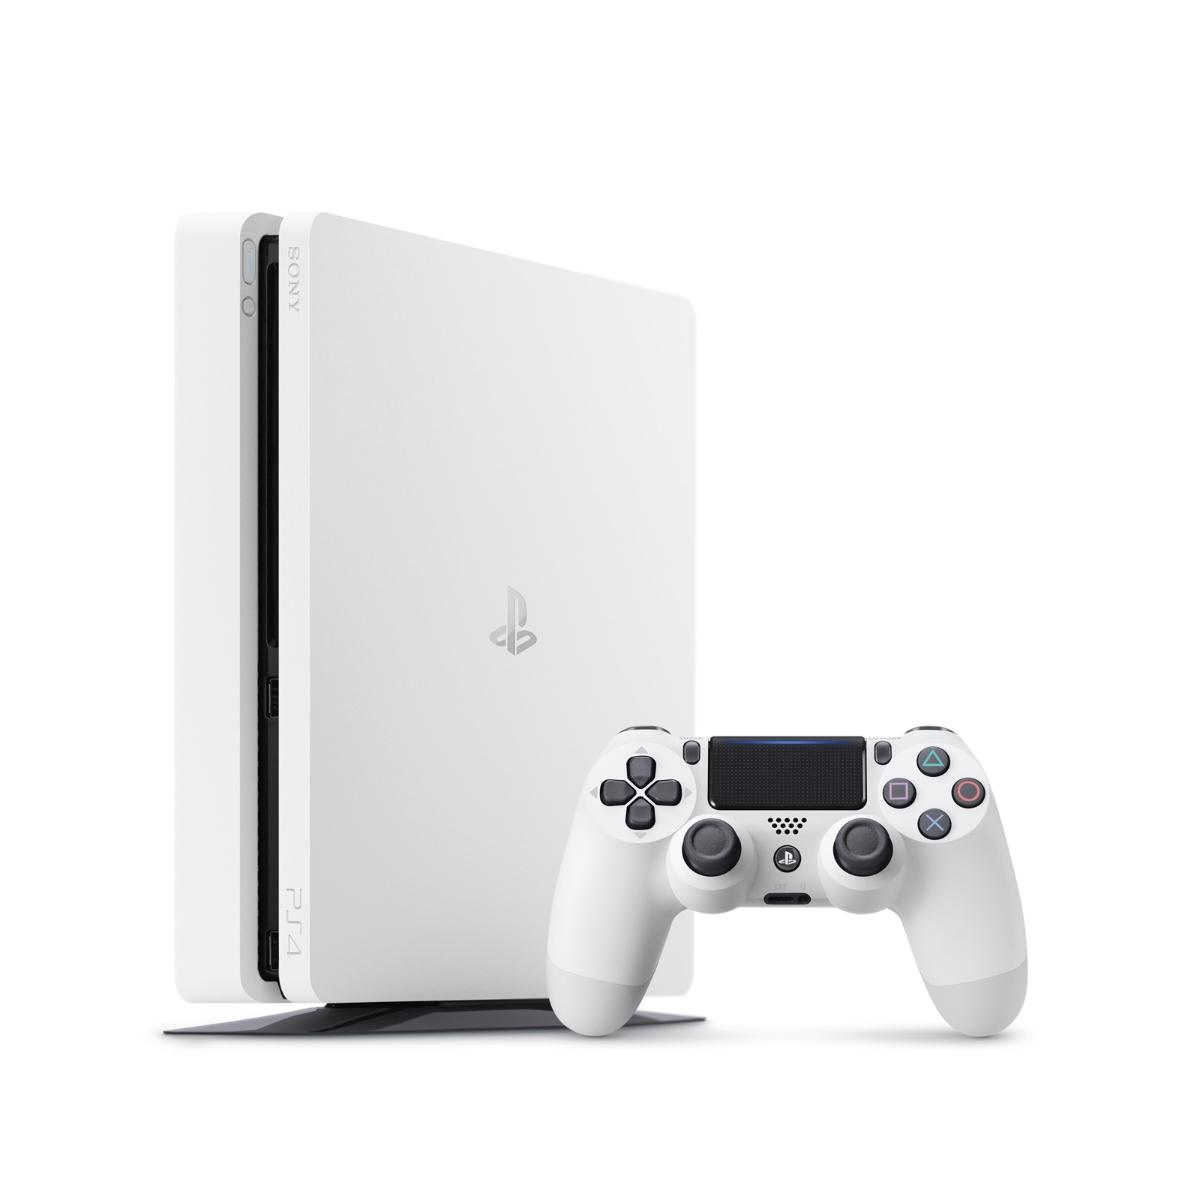 【入荷予約】PlayStation4 グレイシャー・ホワイト 500GB